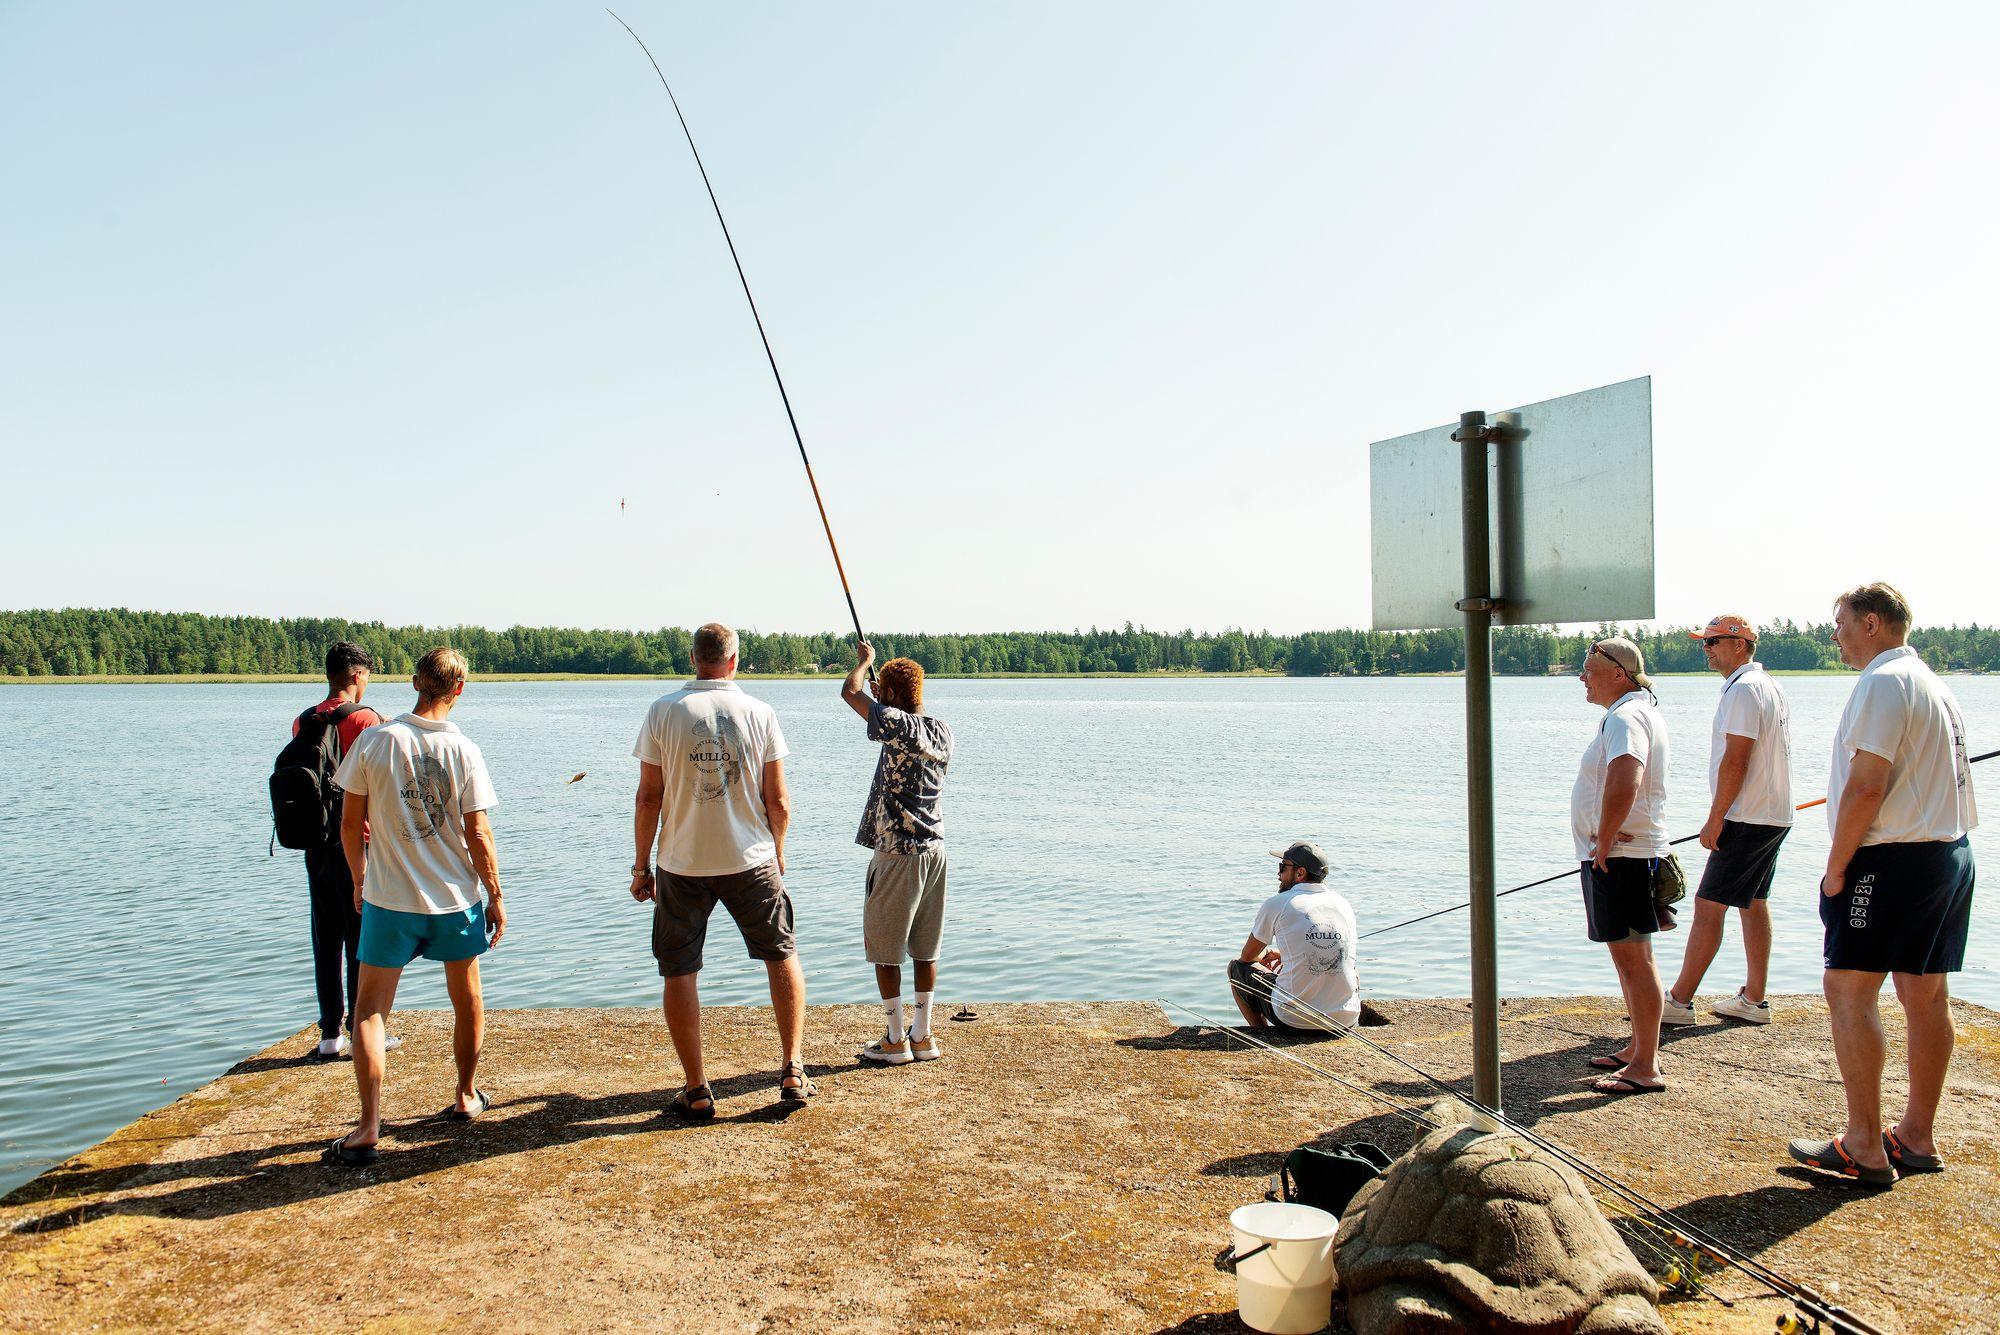 Nuoret kalastajat pääsivät kokeilemaan ongintaa, heittokalastusta sekä uistelua päivän aikana. © Linda Varoma